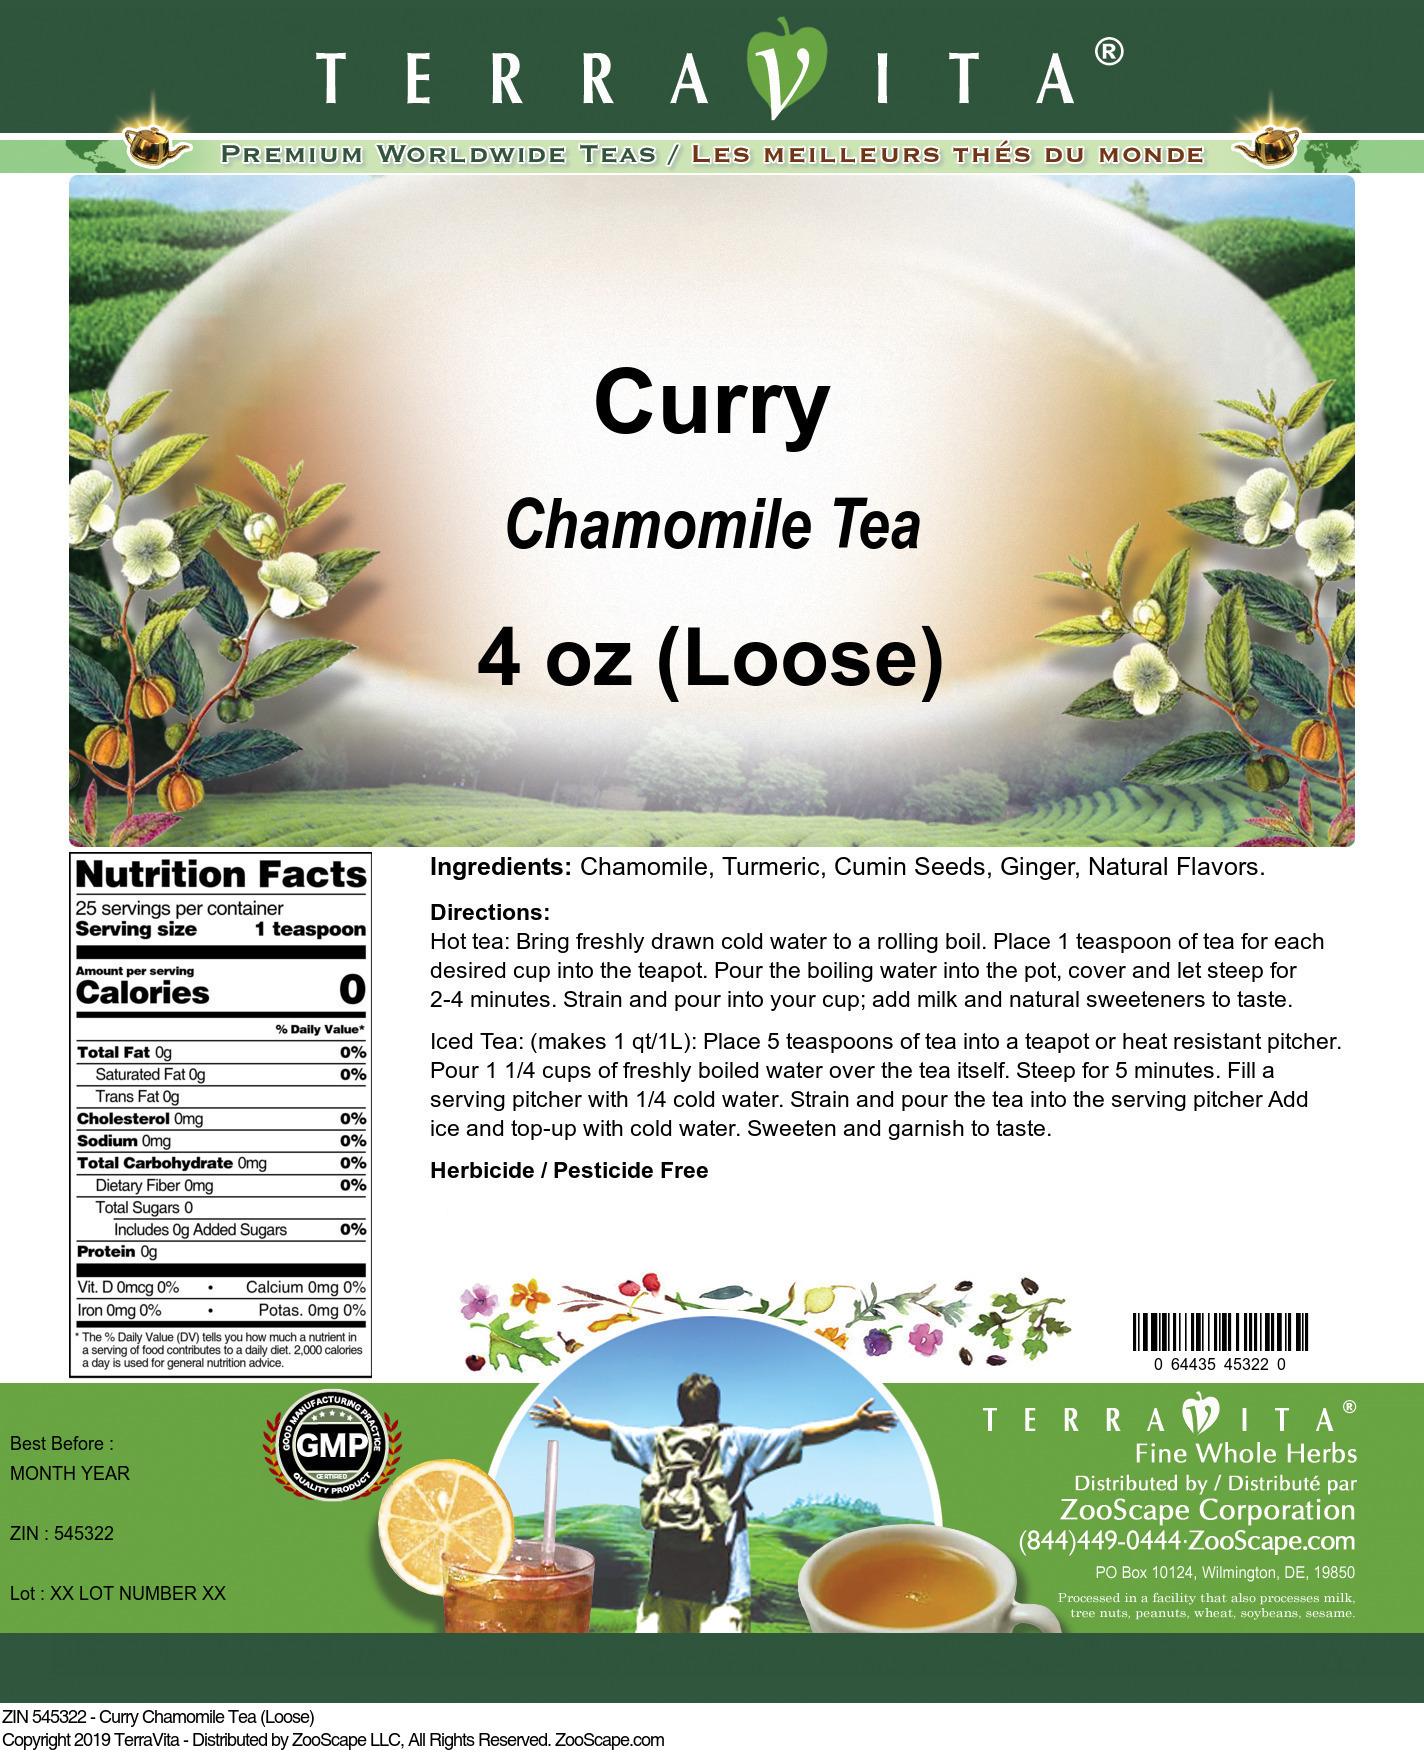 Curry Chamomile Tea (Loose)